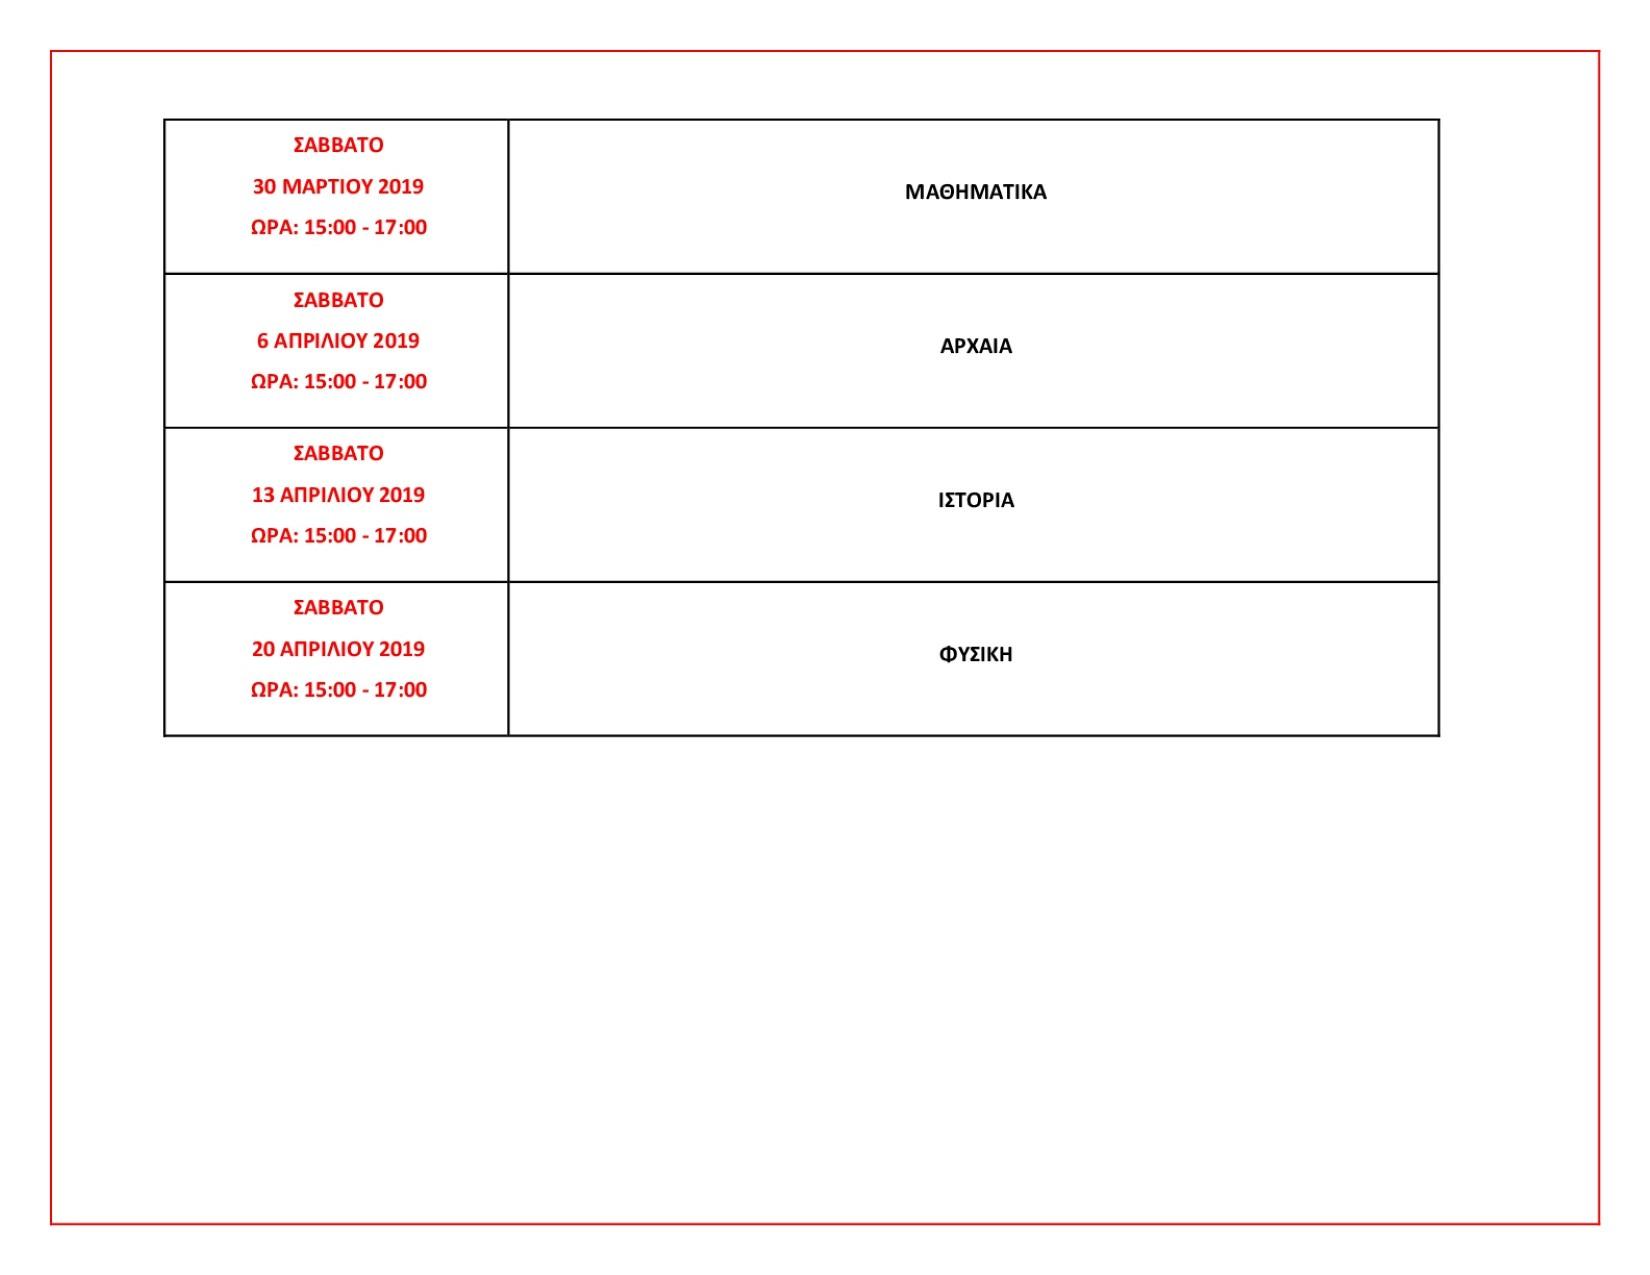 b-kiklos-diagonismaton-gimnasiou-1